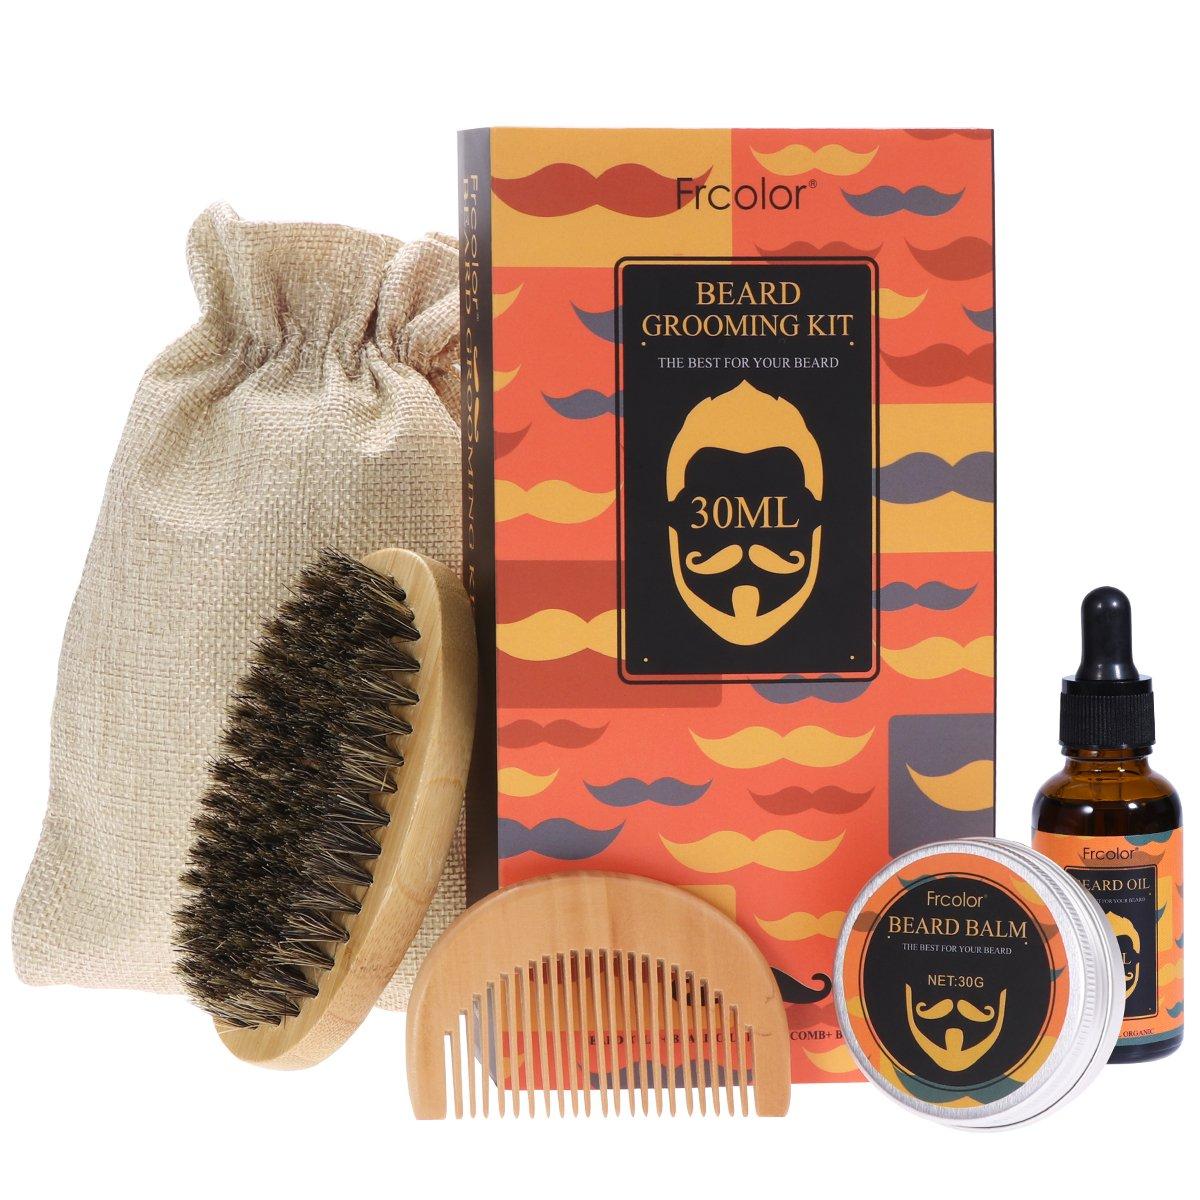 Frcolor Beard Kit per la cura degli uomini Kit per la cura della barba con balsamo per barba, olio per barba, baffi e pettine